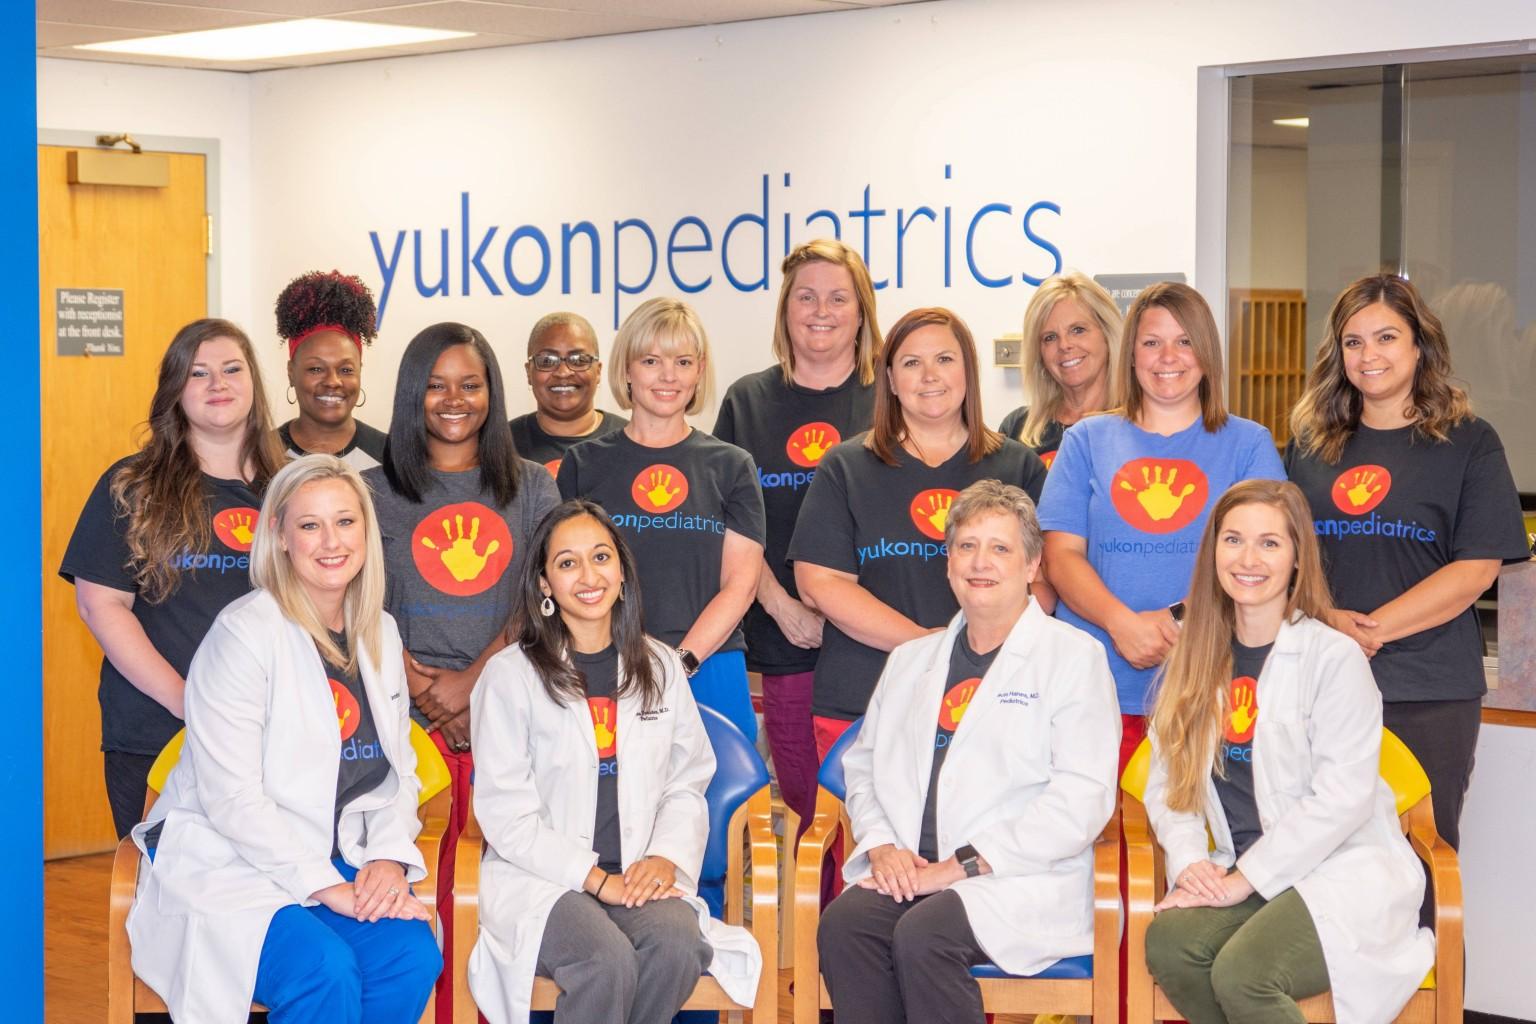 Variety Expande Acceso a Servicios Integrales de Atención Médica en Oklahoma